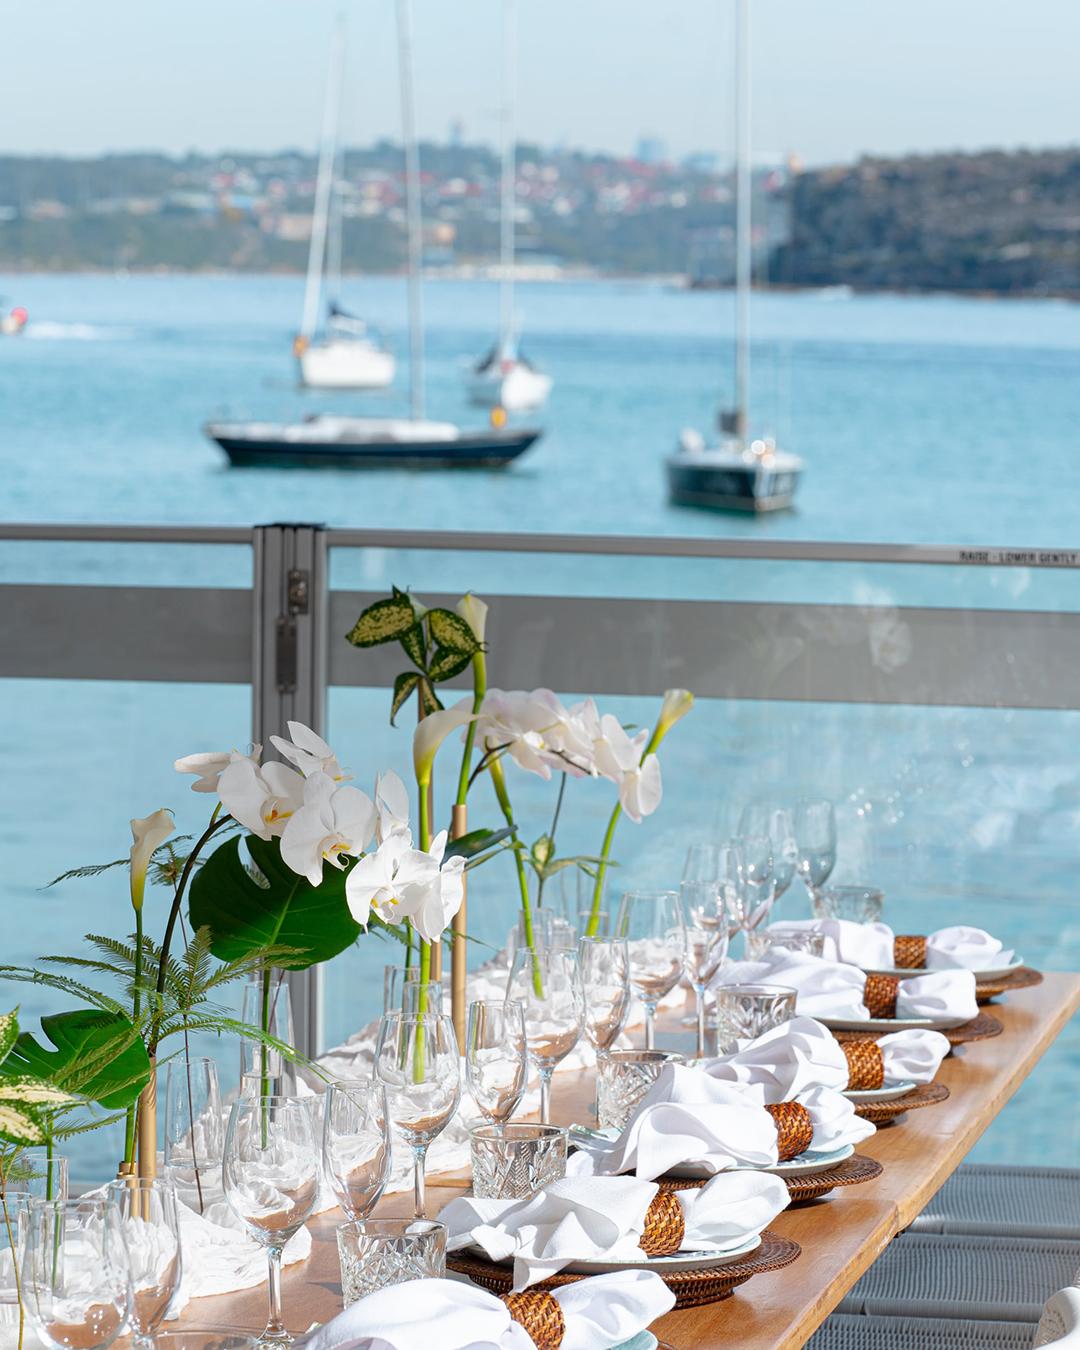 outdoor dining overlooking water